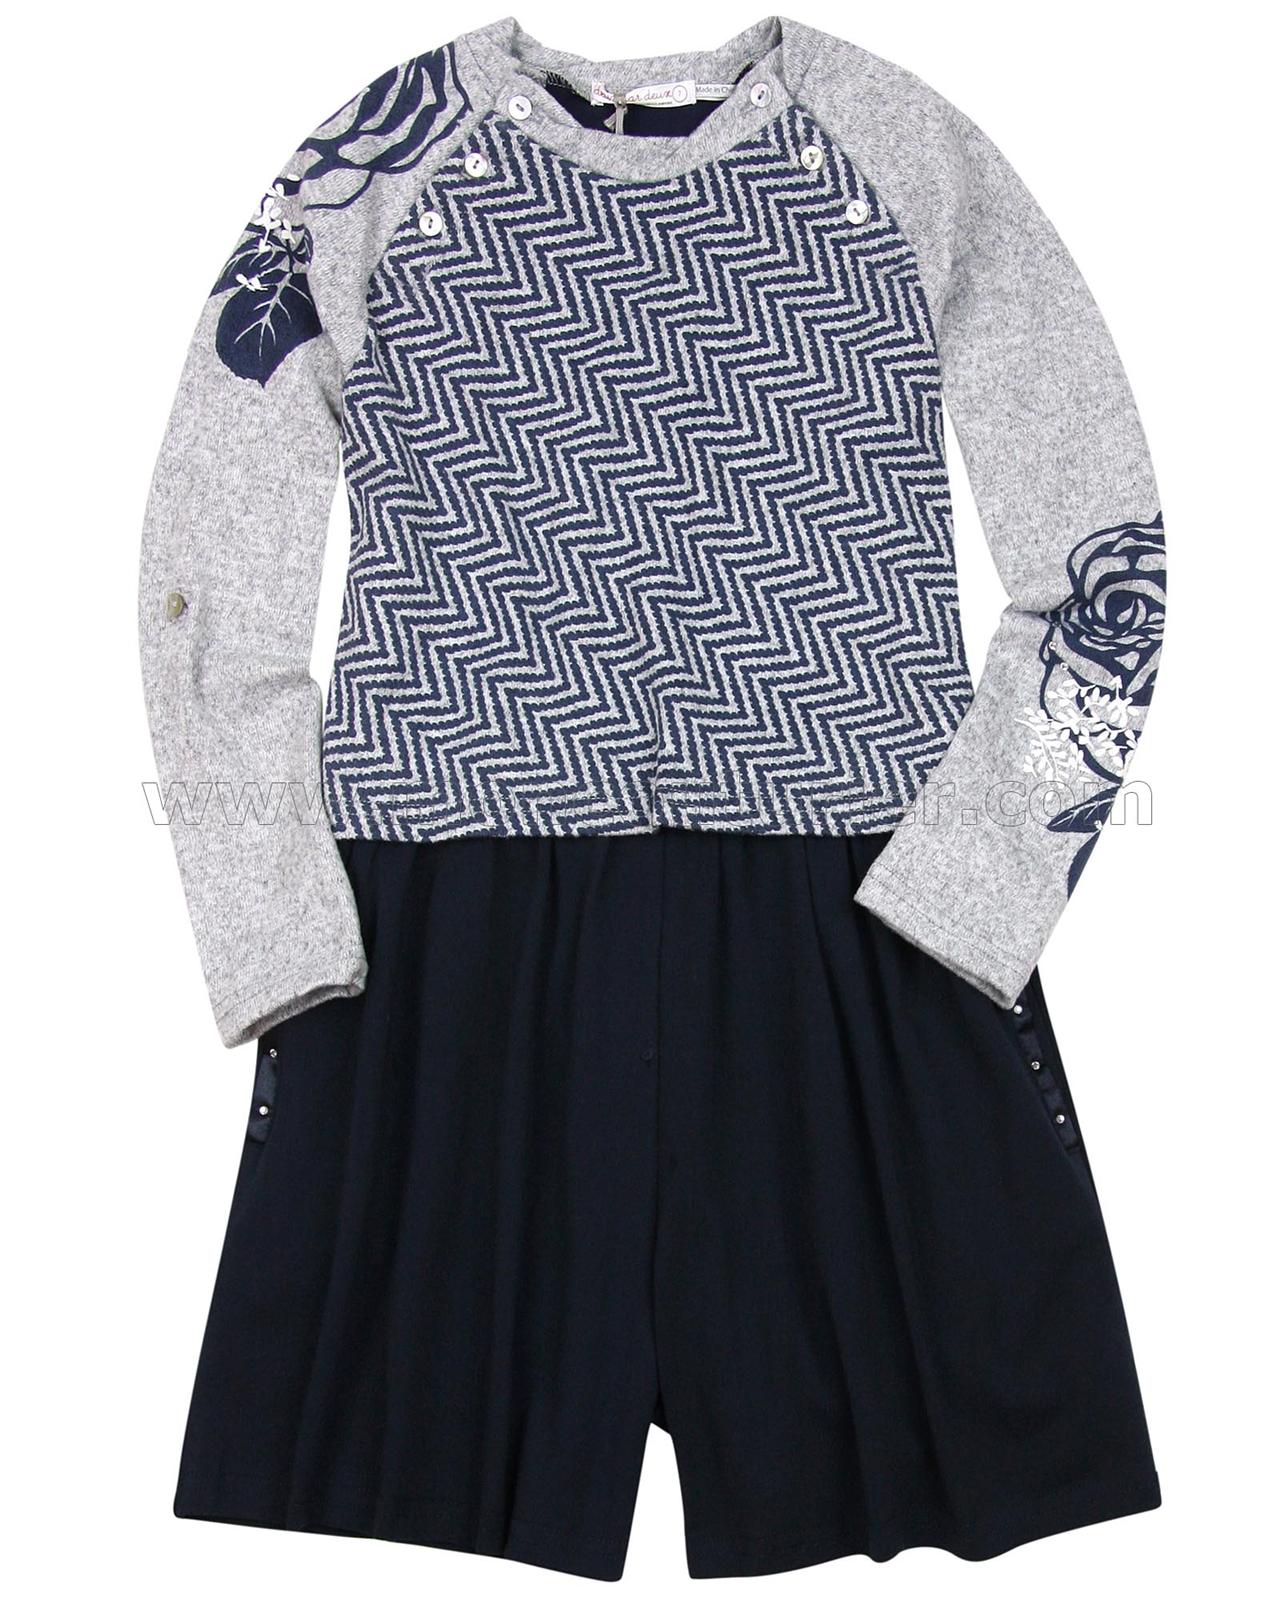 Deux par deux sweater aztec sweater dress for Couturier definition